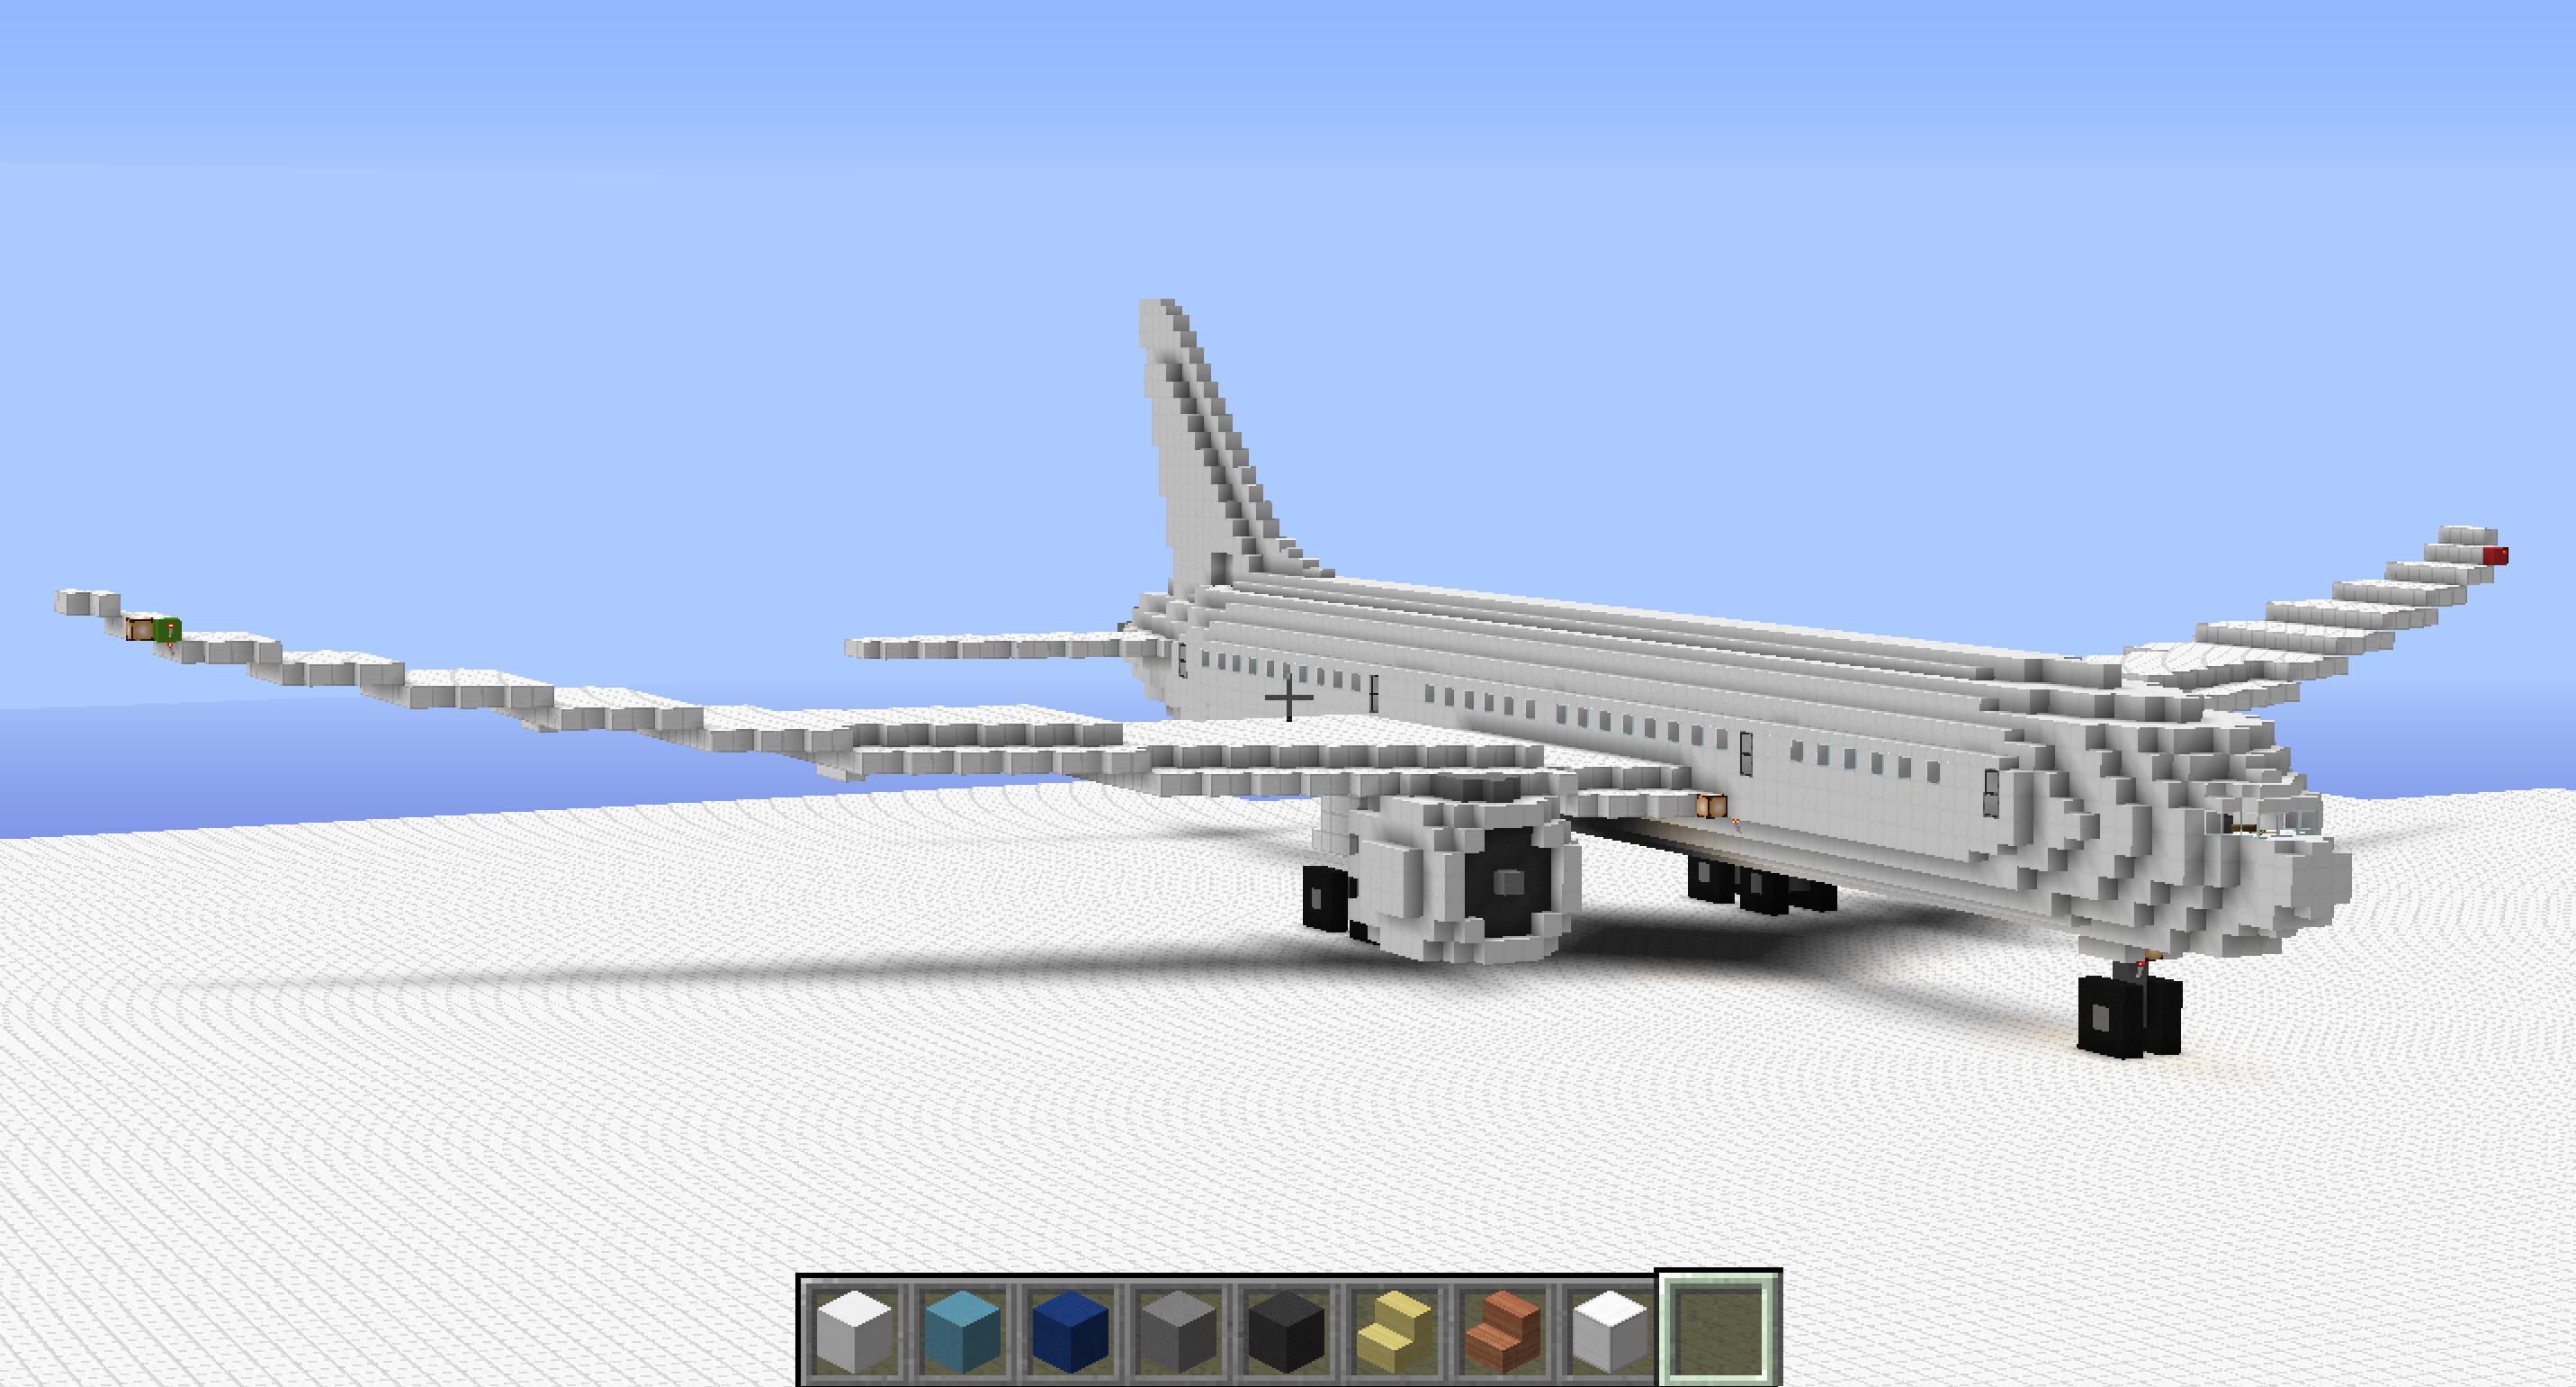 How To Build A Plane Demo 7e7 Minecraft Blog